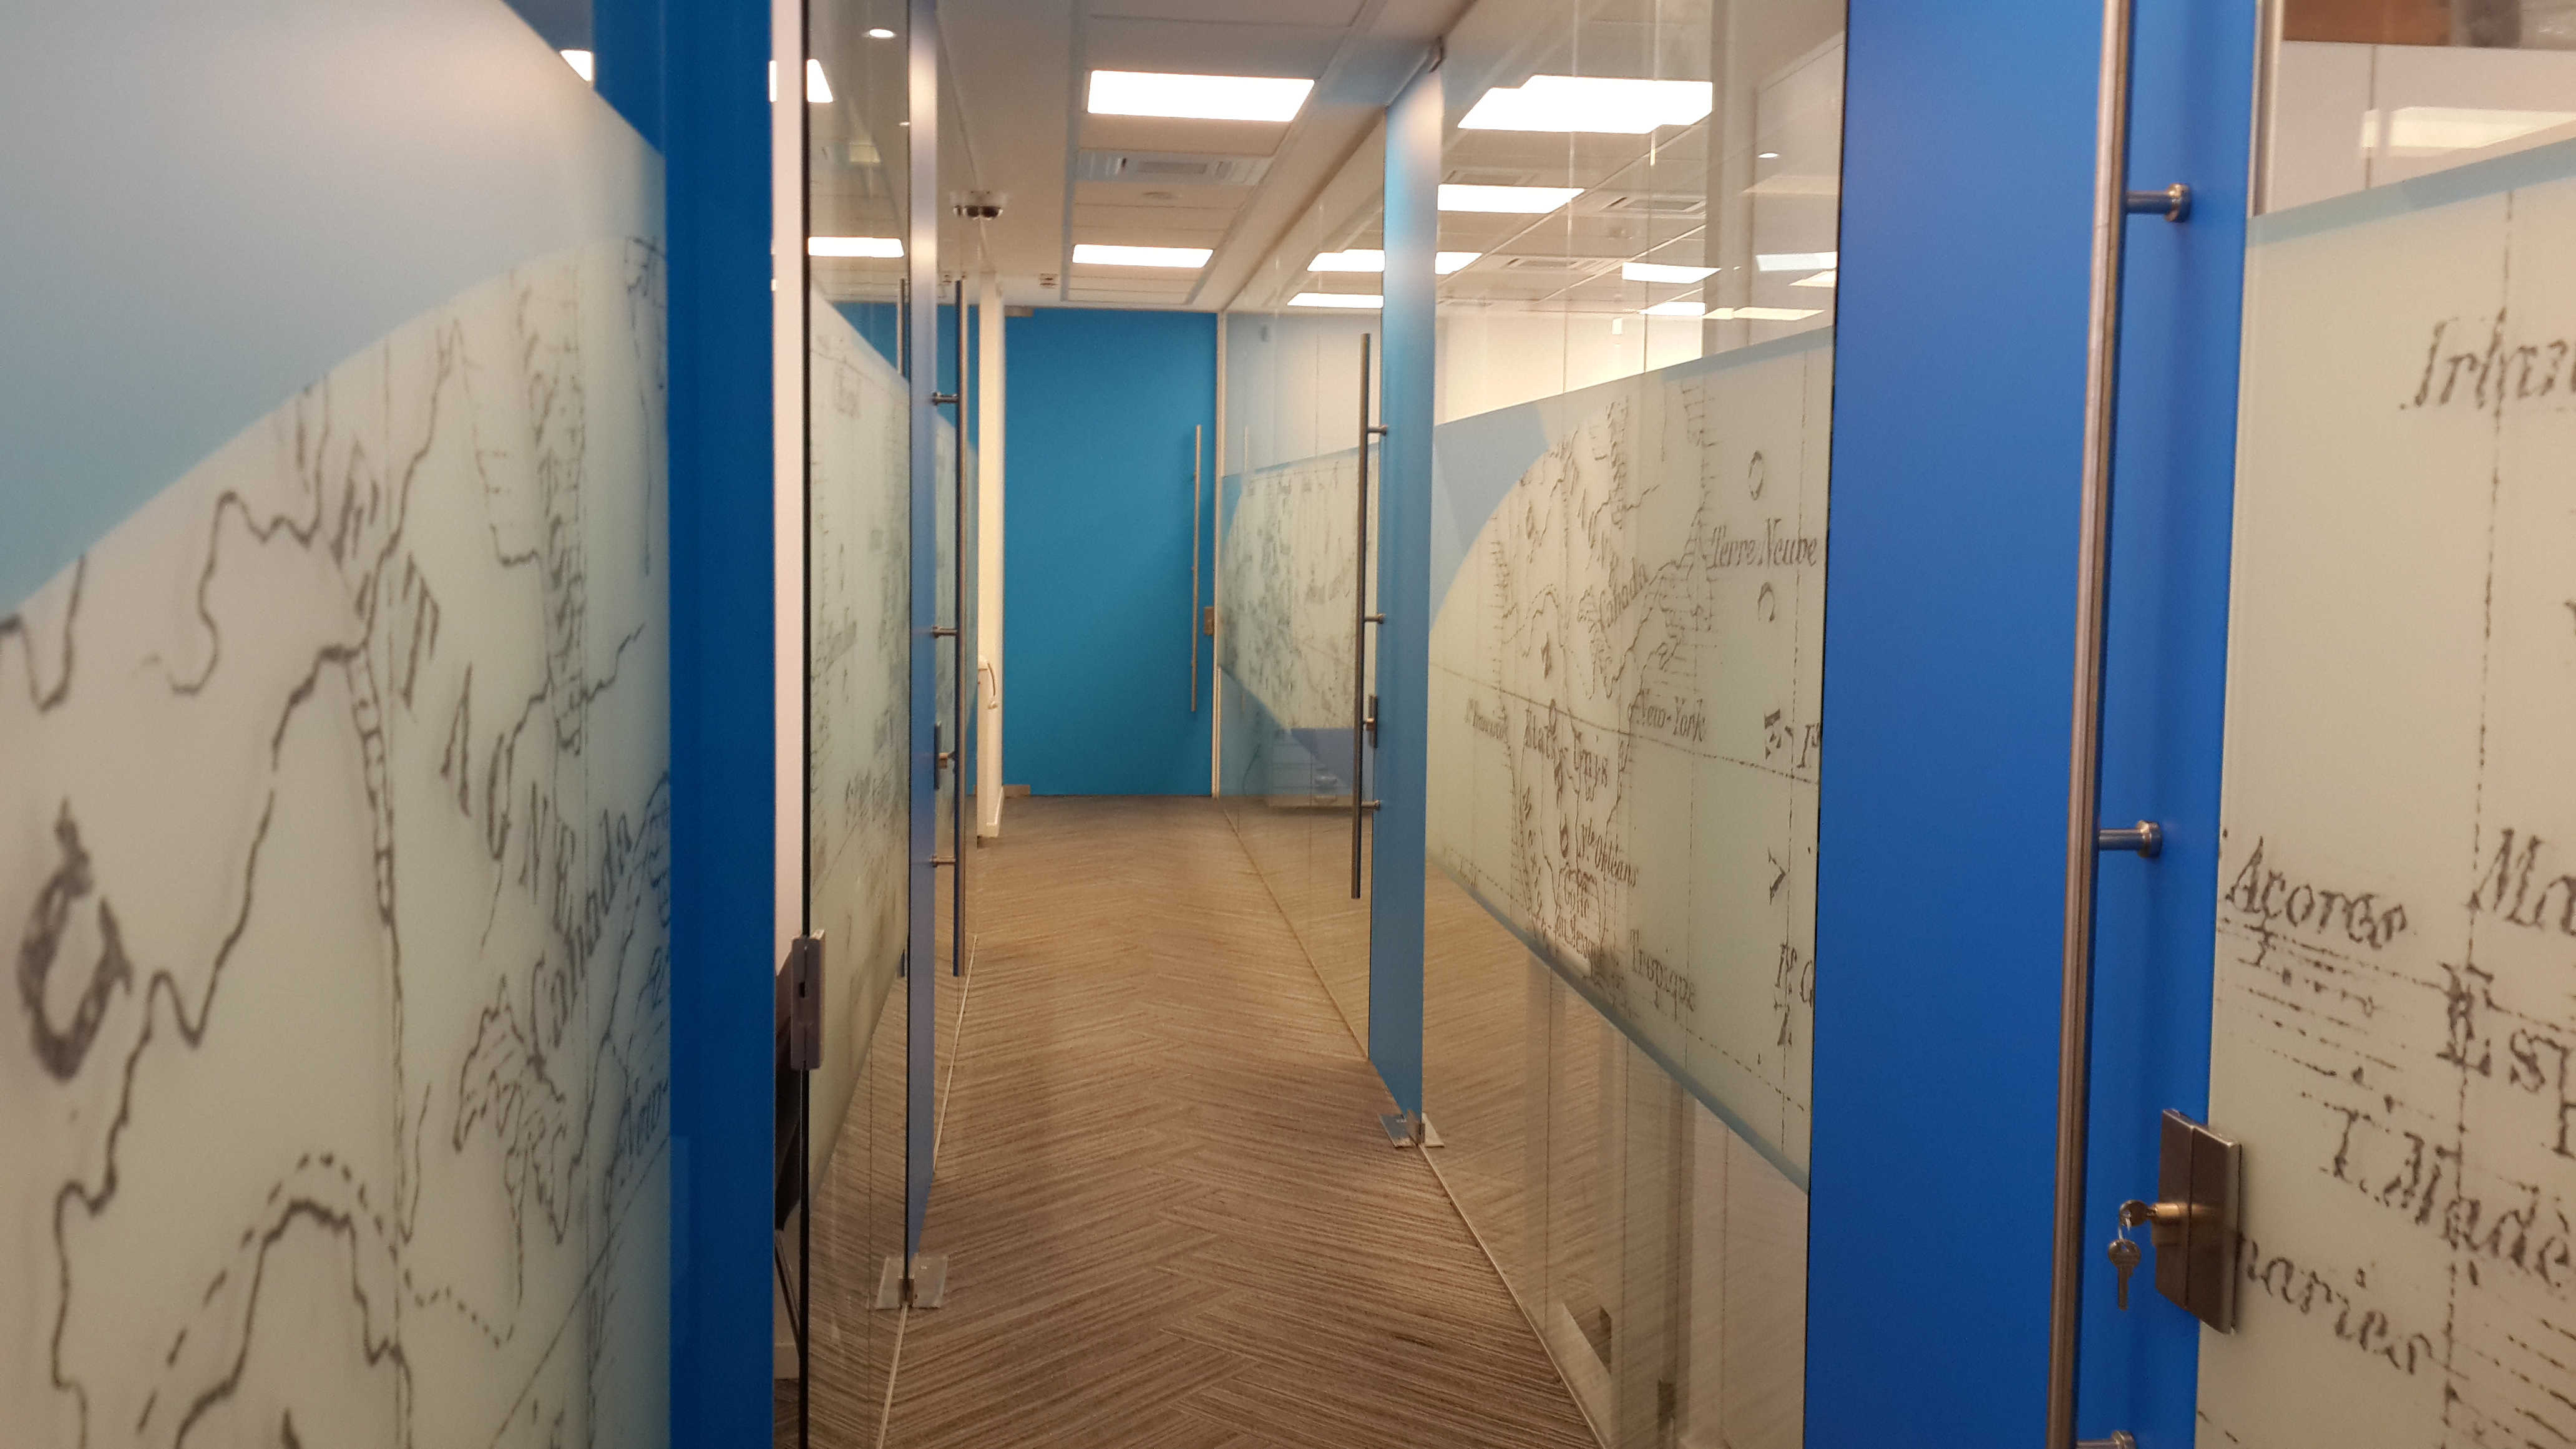 עיצוב פרוזדור במשרדים